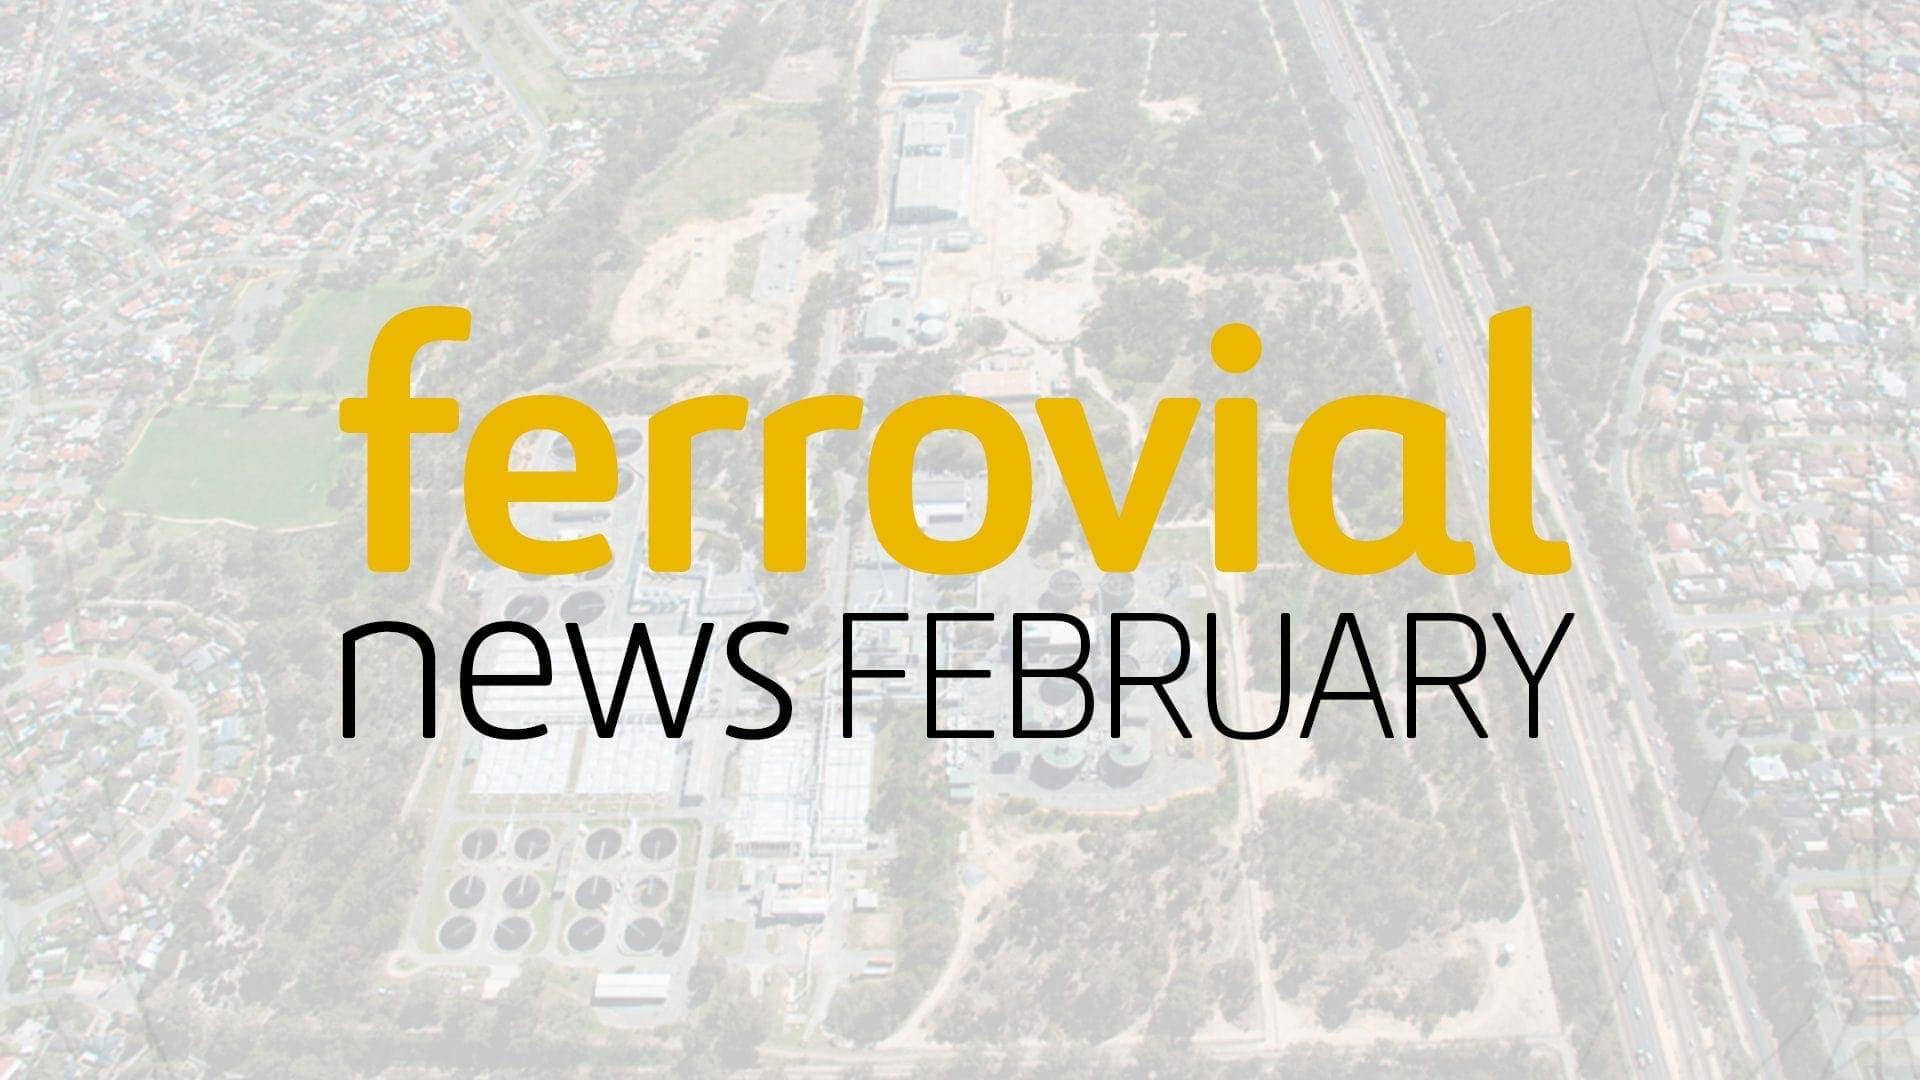 Las noticias destacadas de Ferrovial Febrero 2018